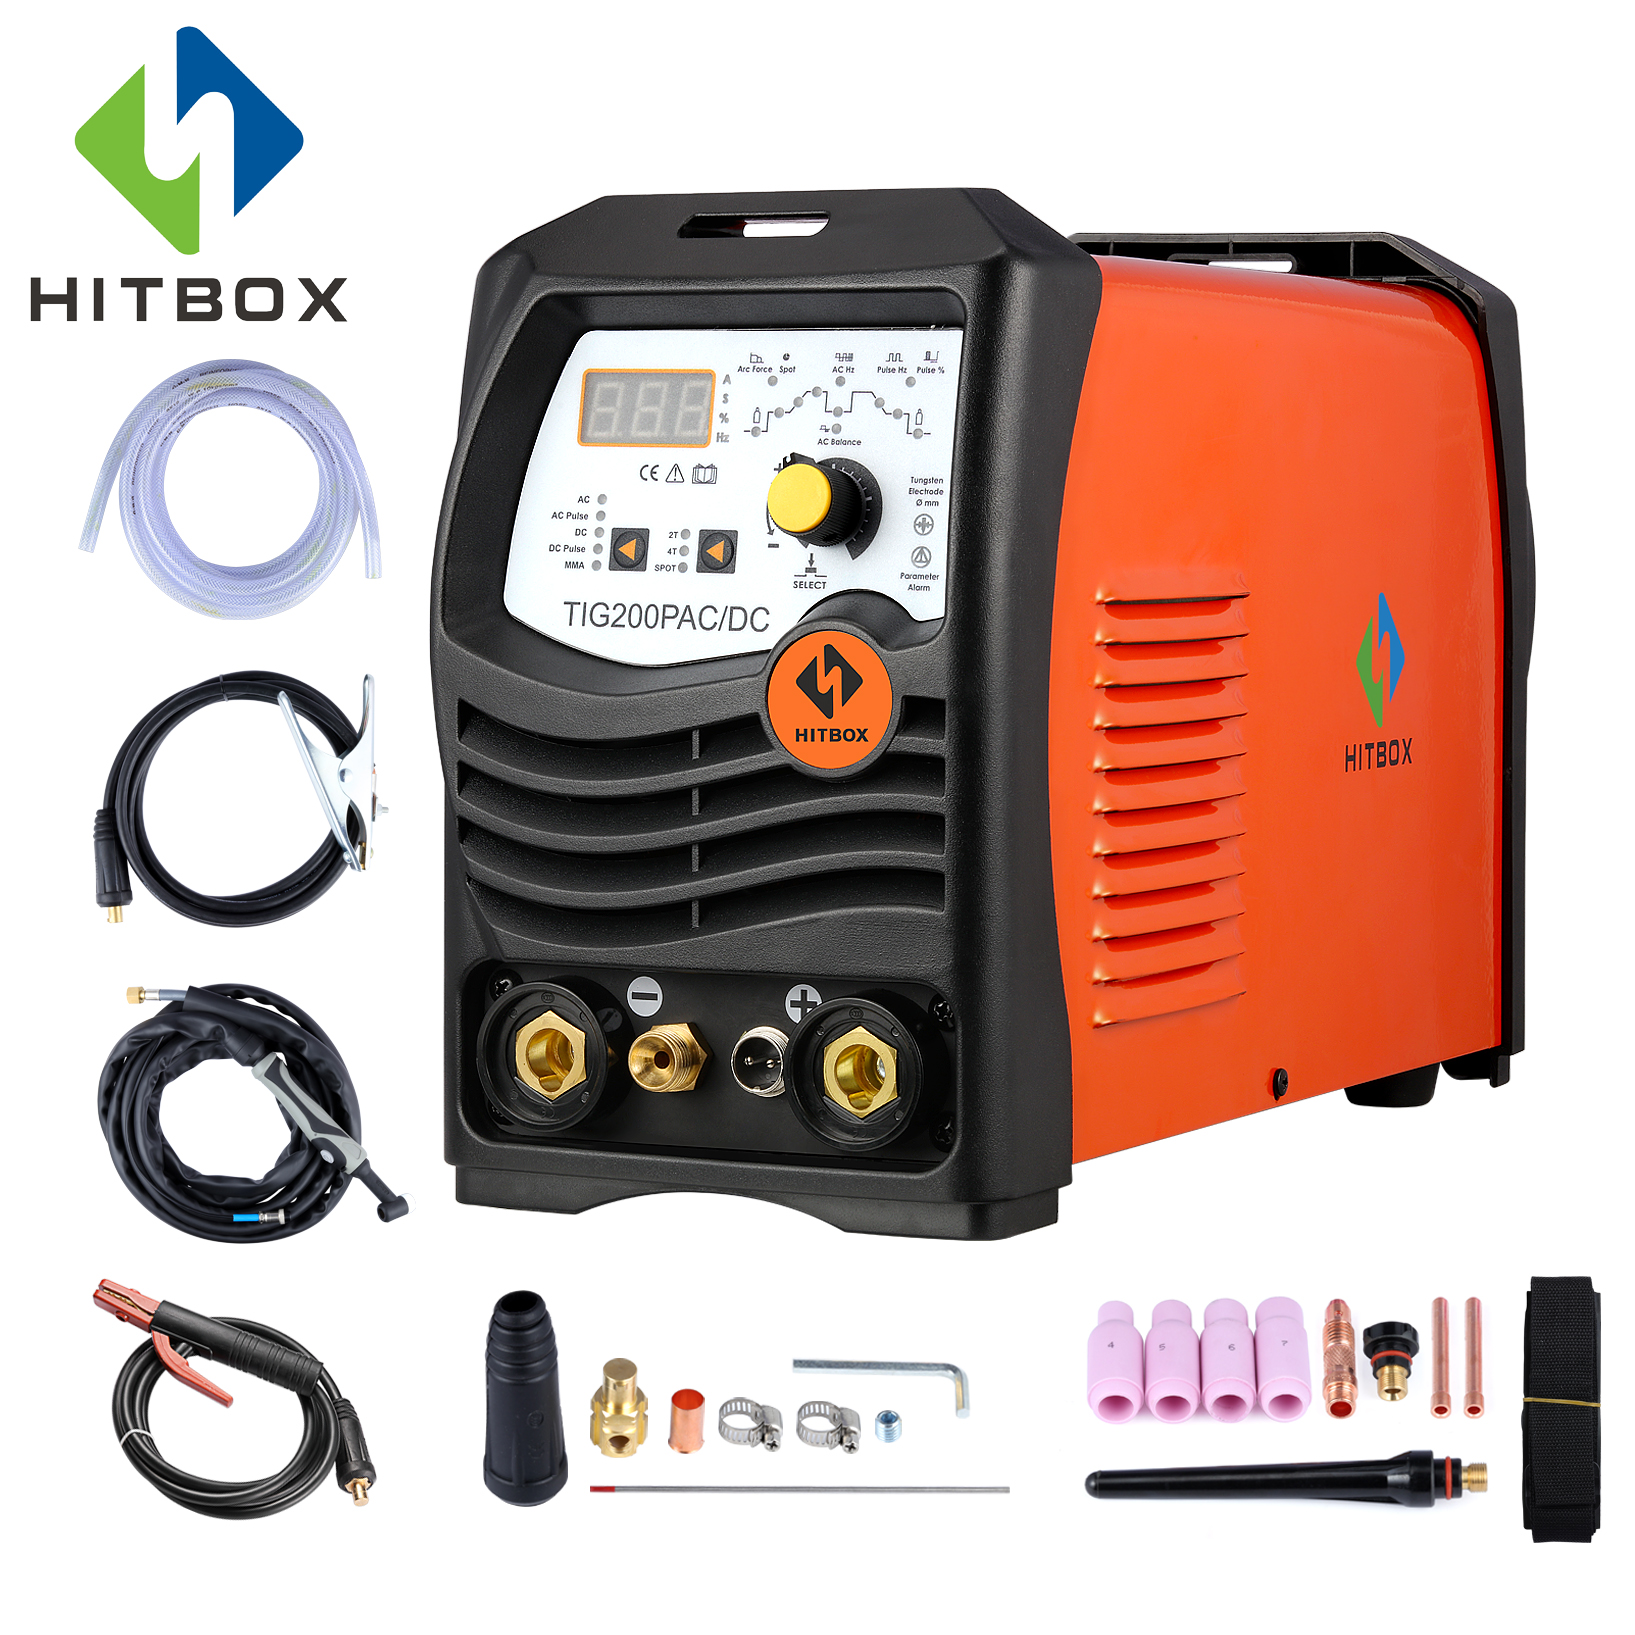 HITBOX Arc TIG сварочные аппараты алюминий сварки ACDC В 220 V TIG200P инвертор сварочное оборудование функциональные длинные расстояние управление маш